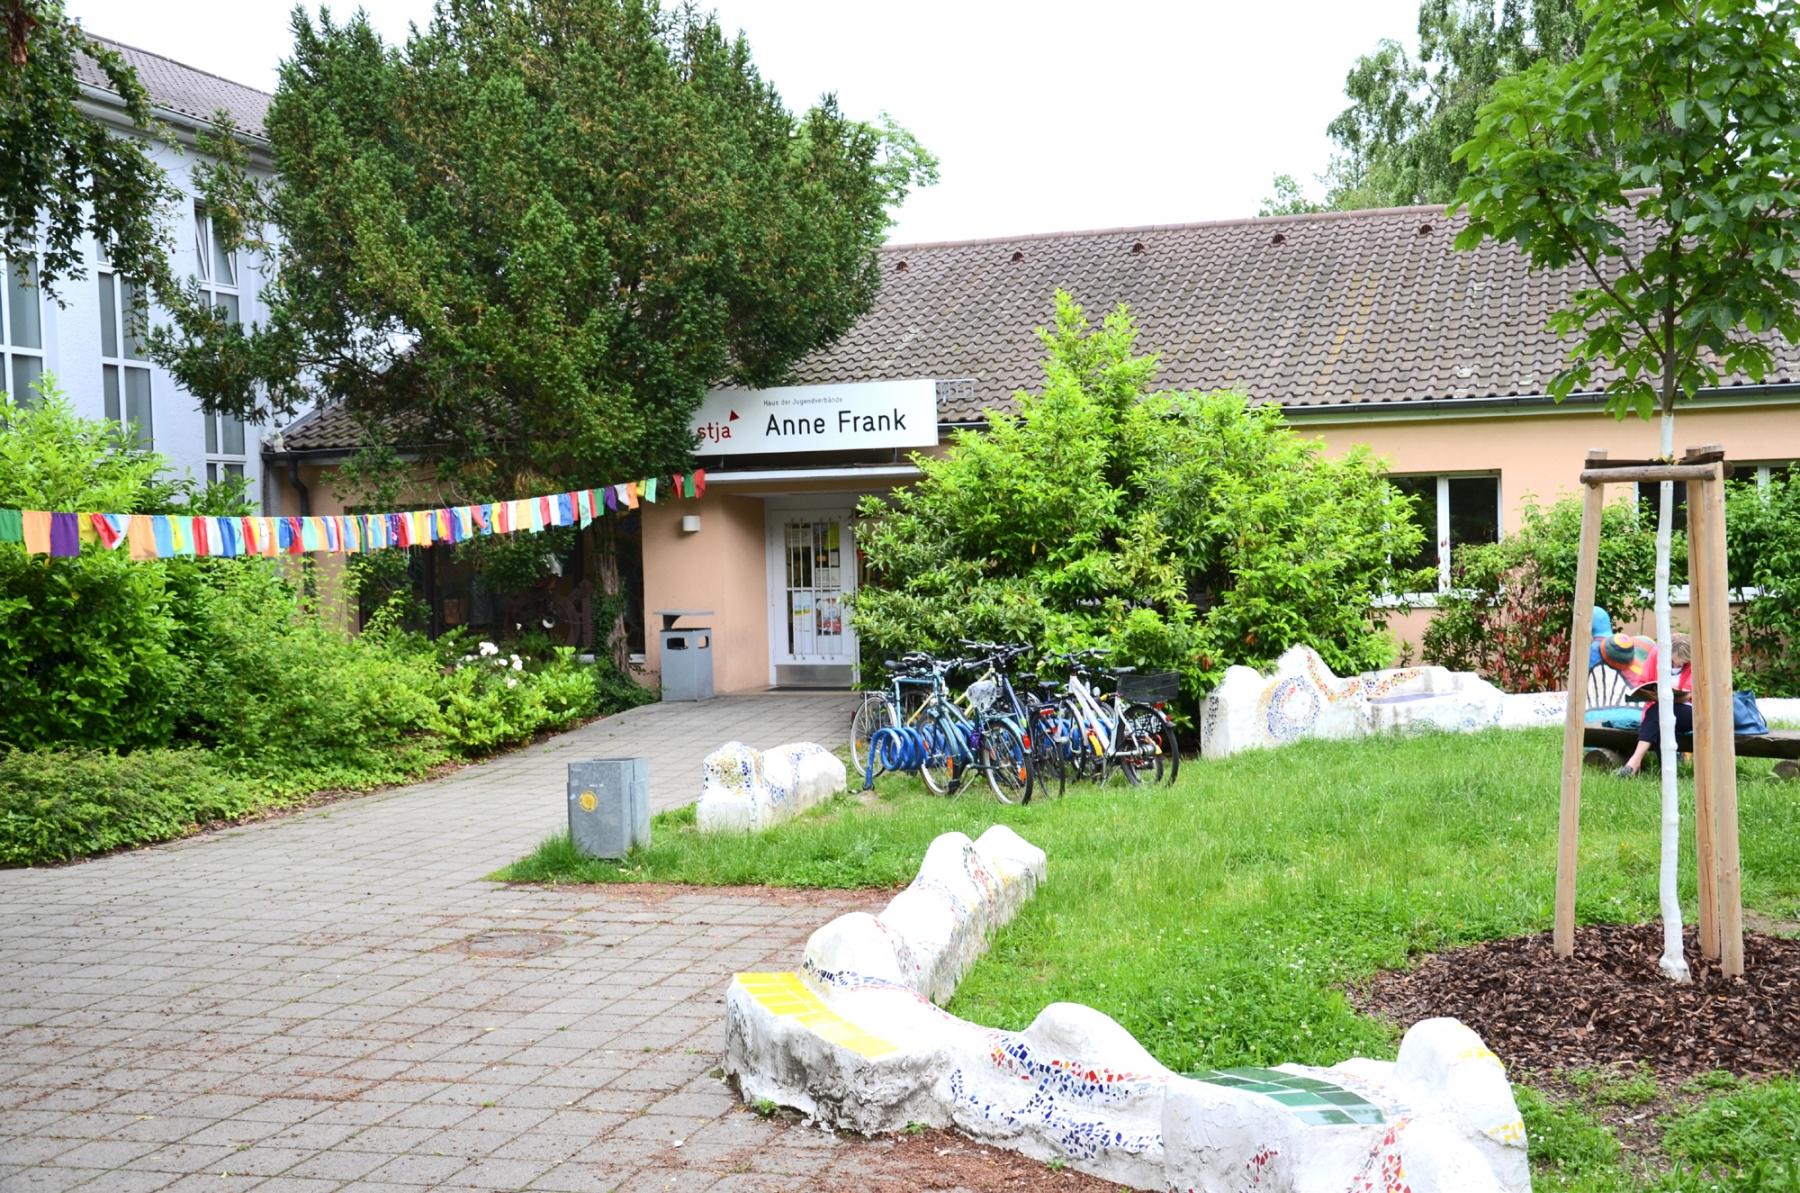 Haus der Jugendverbände Anne Frank